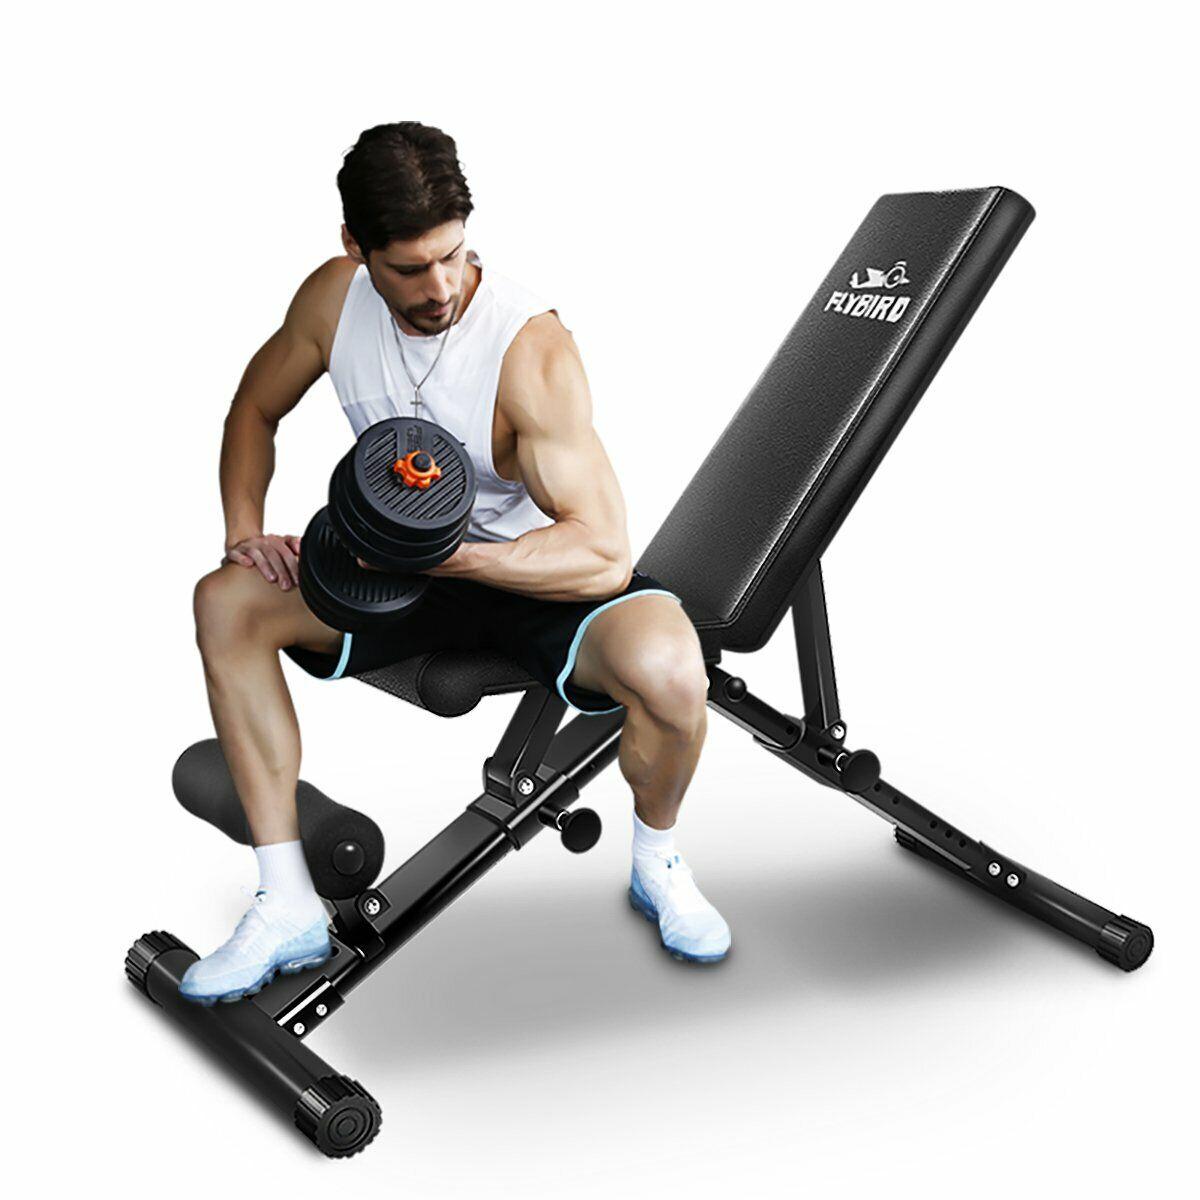 FliegenBIRD Einstellbare Bench,Nutzgewicht Bench für Full Body Workout- Multi-Purpo